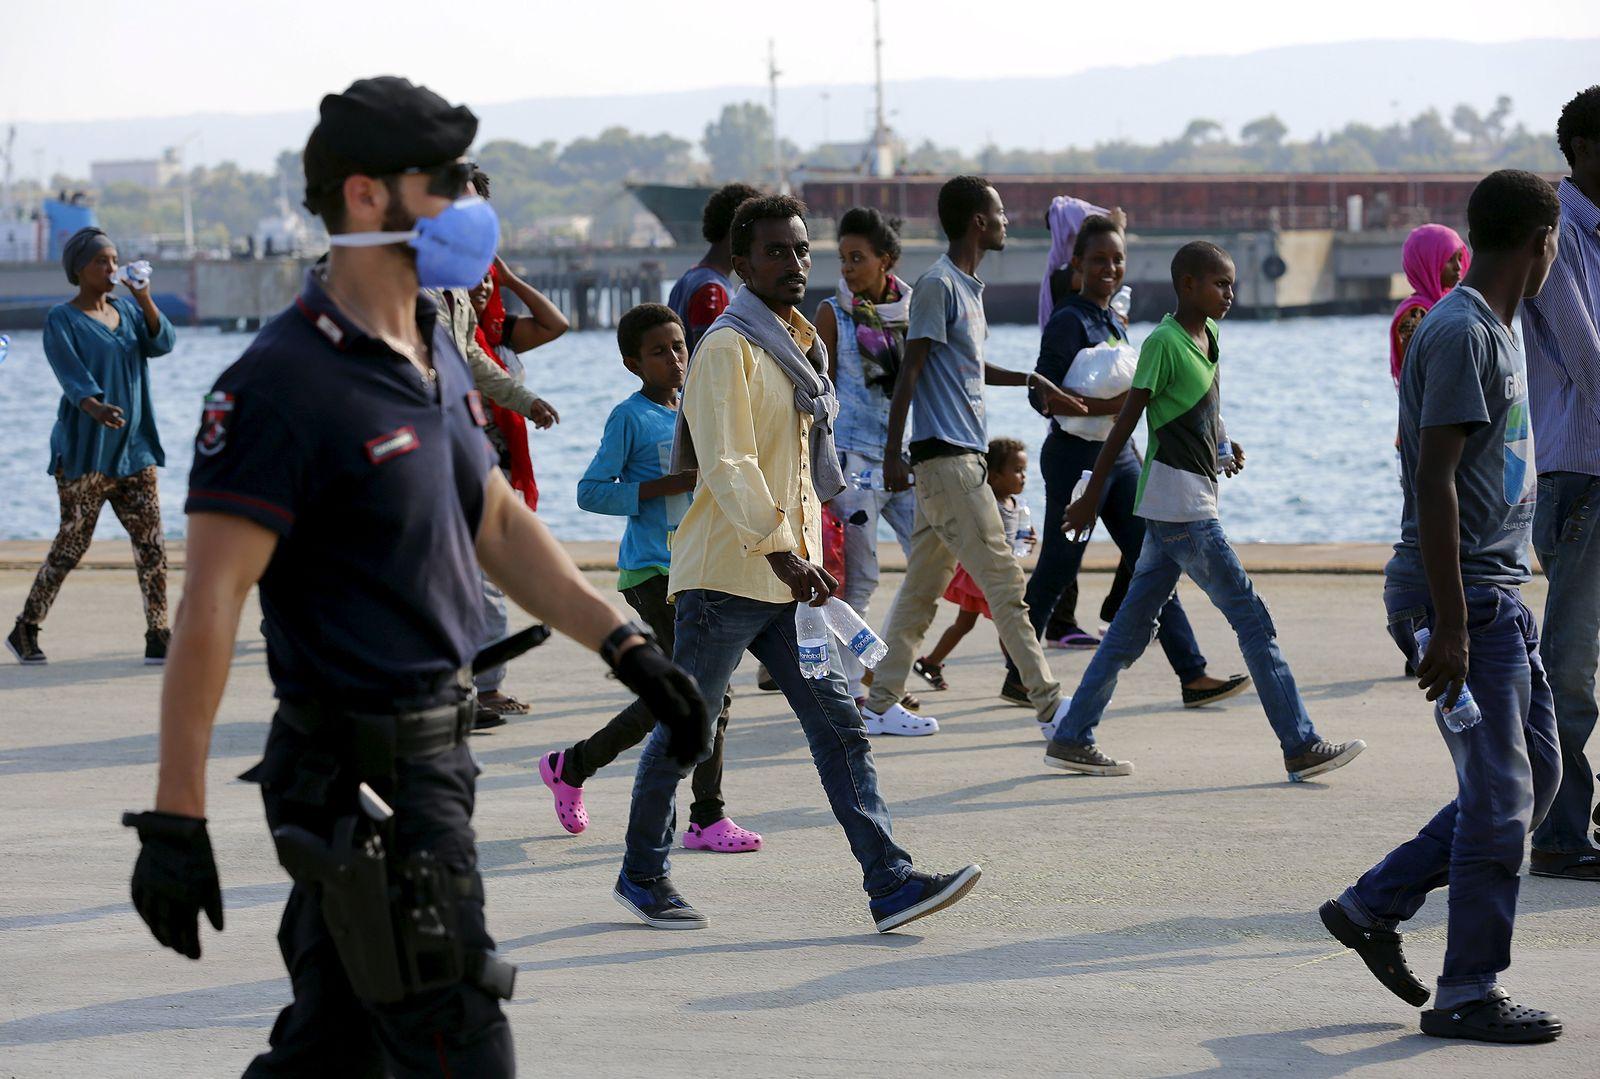 Europa/ Italien/ Sizilien/ Flüchtlinge